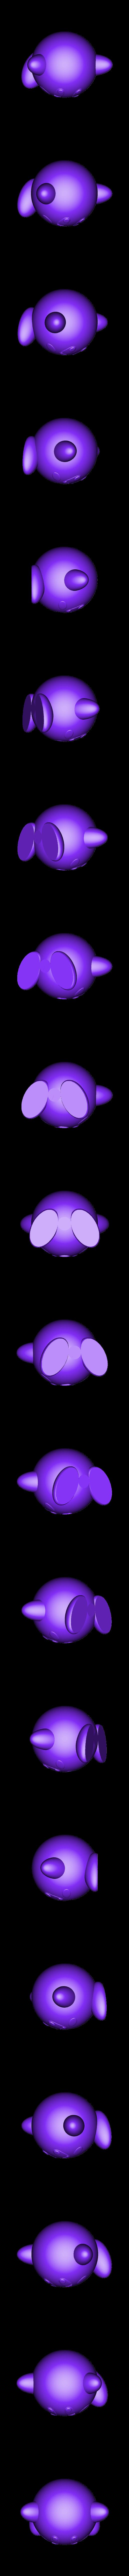 Kirby_by_BODY3D.stl Télécharger fichier STL gratuit Kirby - Pas de soutien • Modèle imprimable en 3D, BODY3D